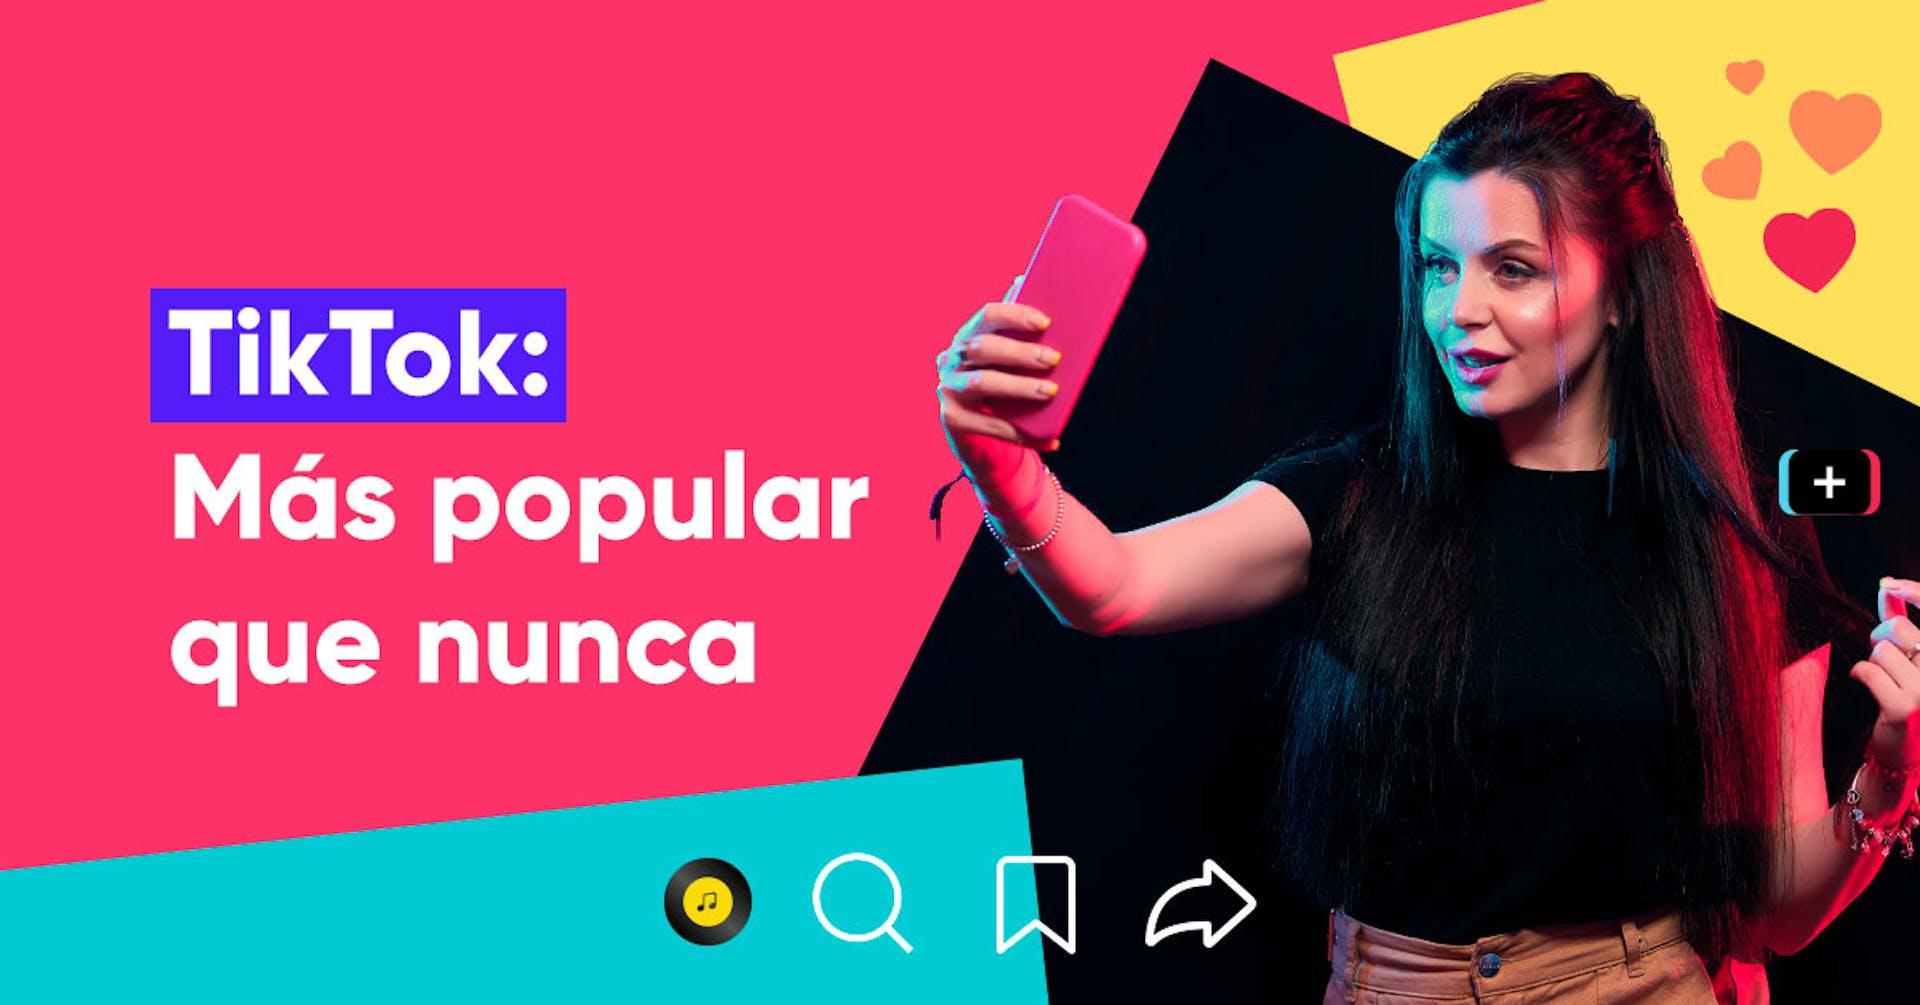 TikTok es la app del momento: ¿Cómo hacer tiktoks y viralizar mis videos?